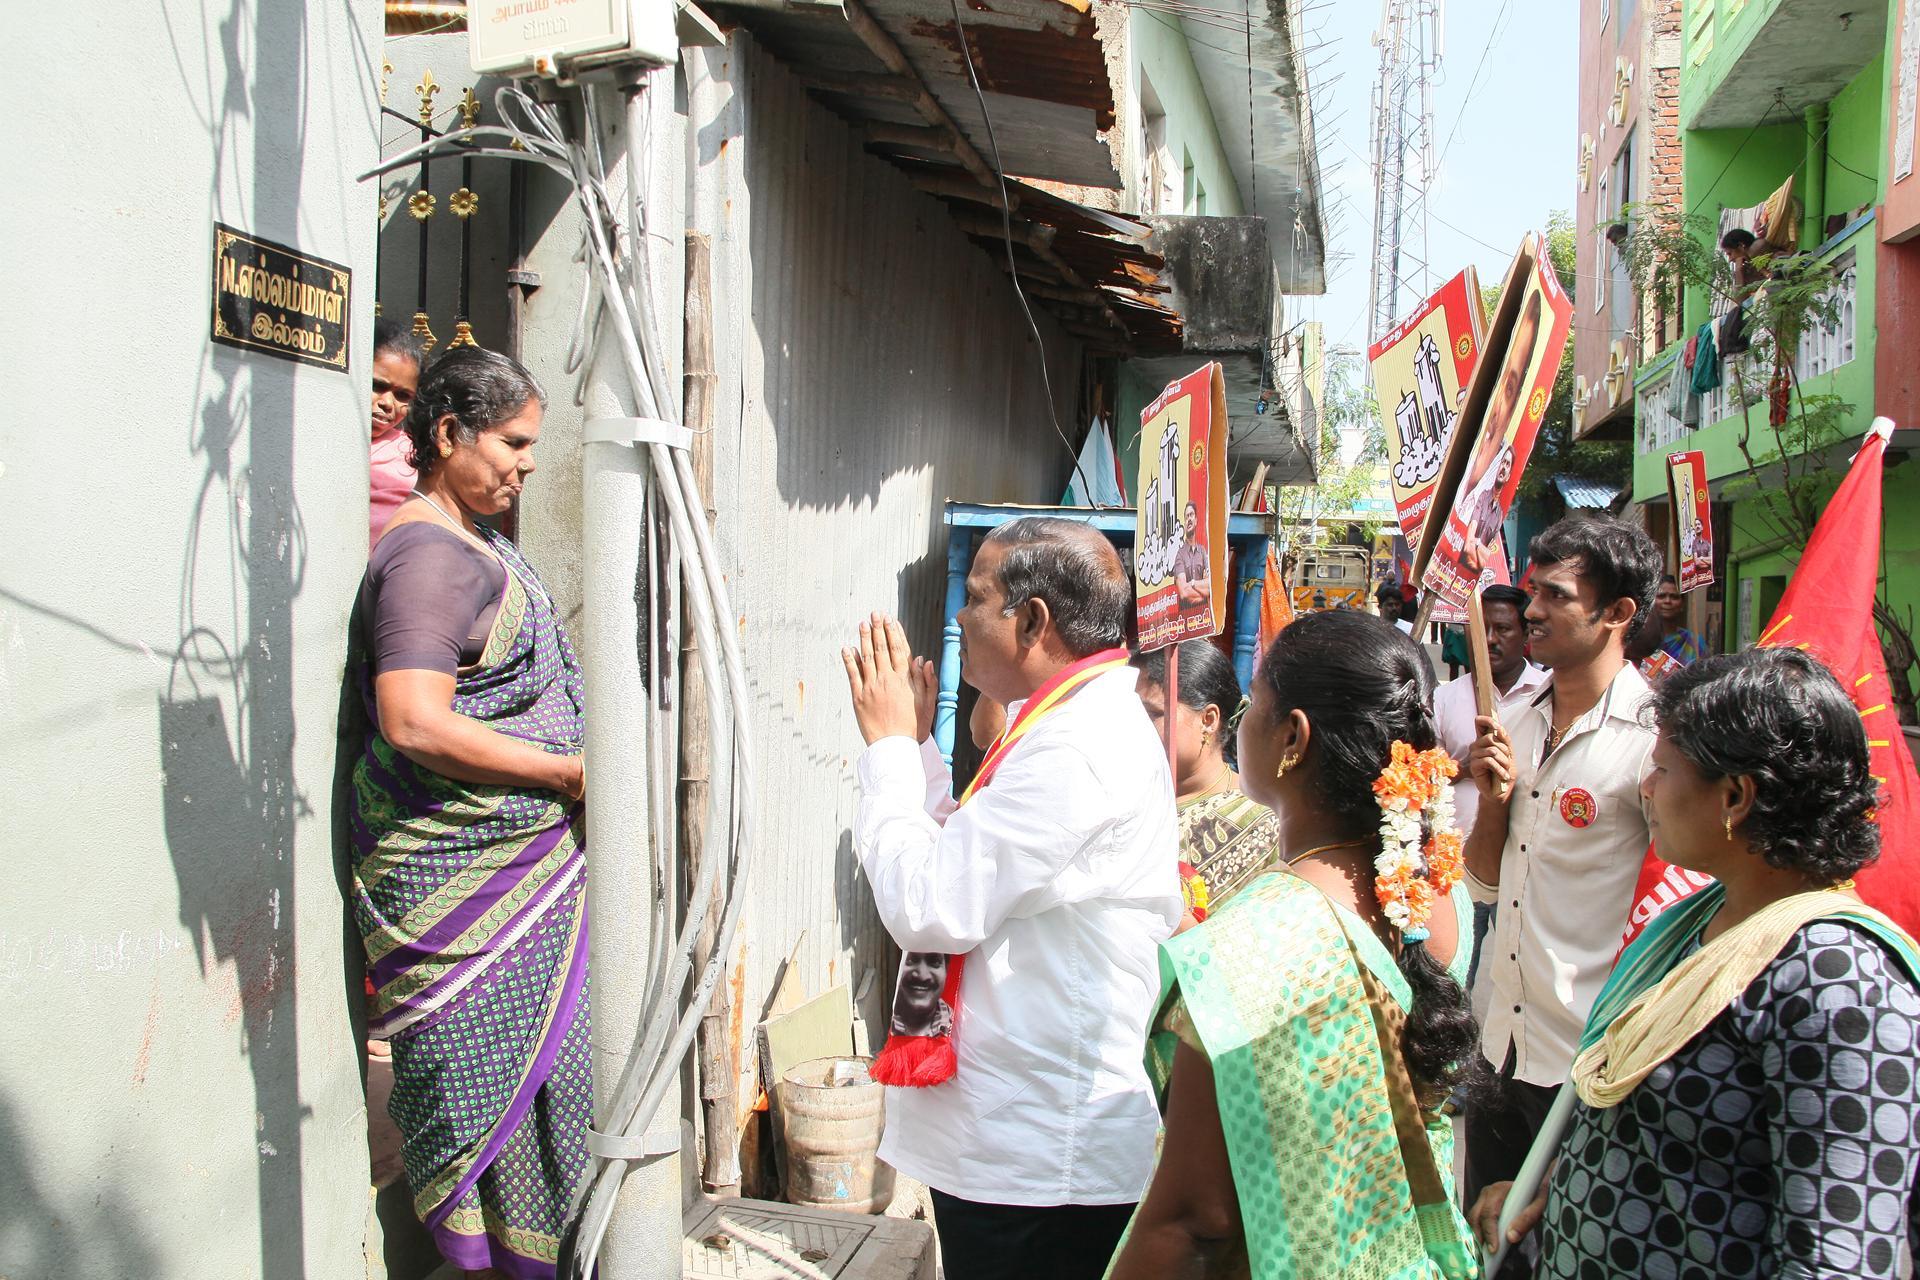 ஆர்.கே நகர் தேர்தல் பரப்புரை: நான்காம் நாள் | வாக்கு சேகரிப்பு மற்றும் தெருமுனைக்கூட்டம்